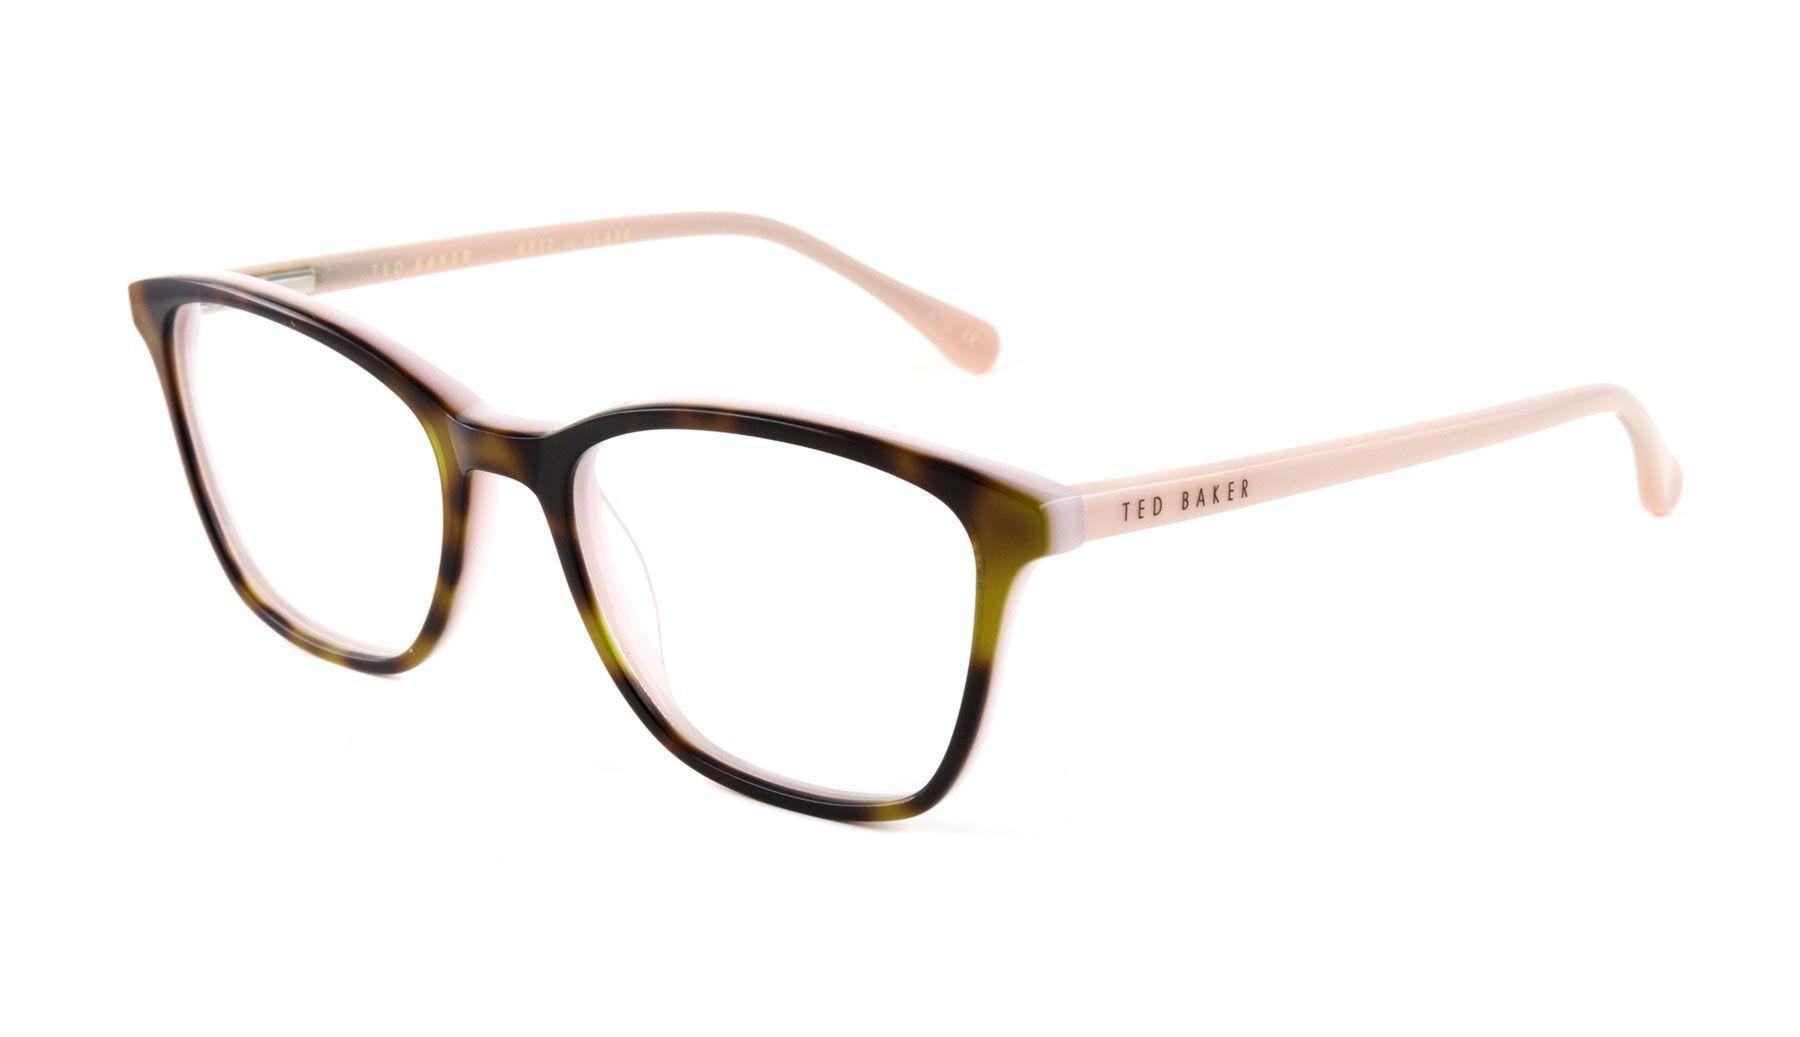 3b86655f6c9 Ted Baker Tortoiseshell Glasses